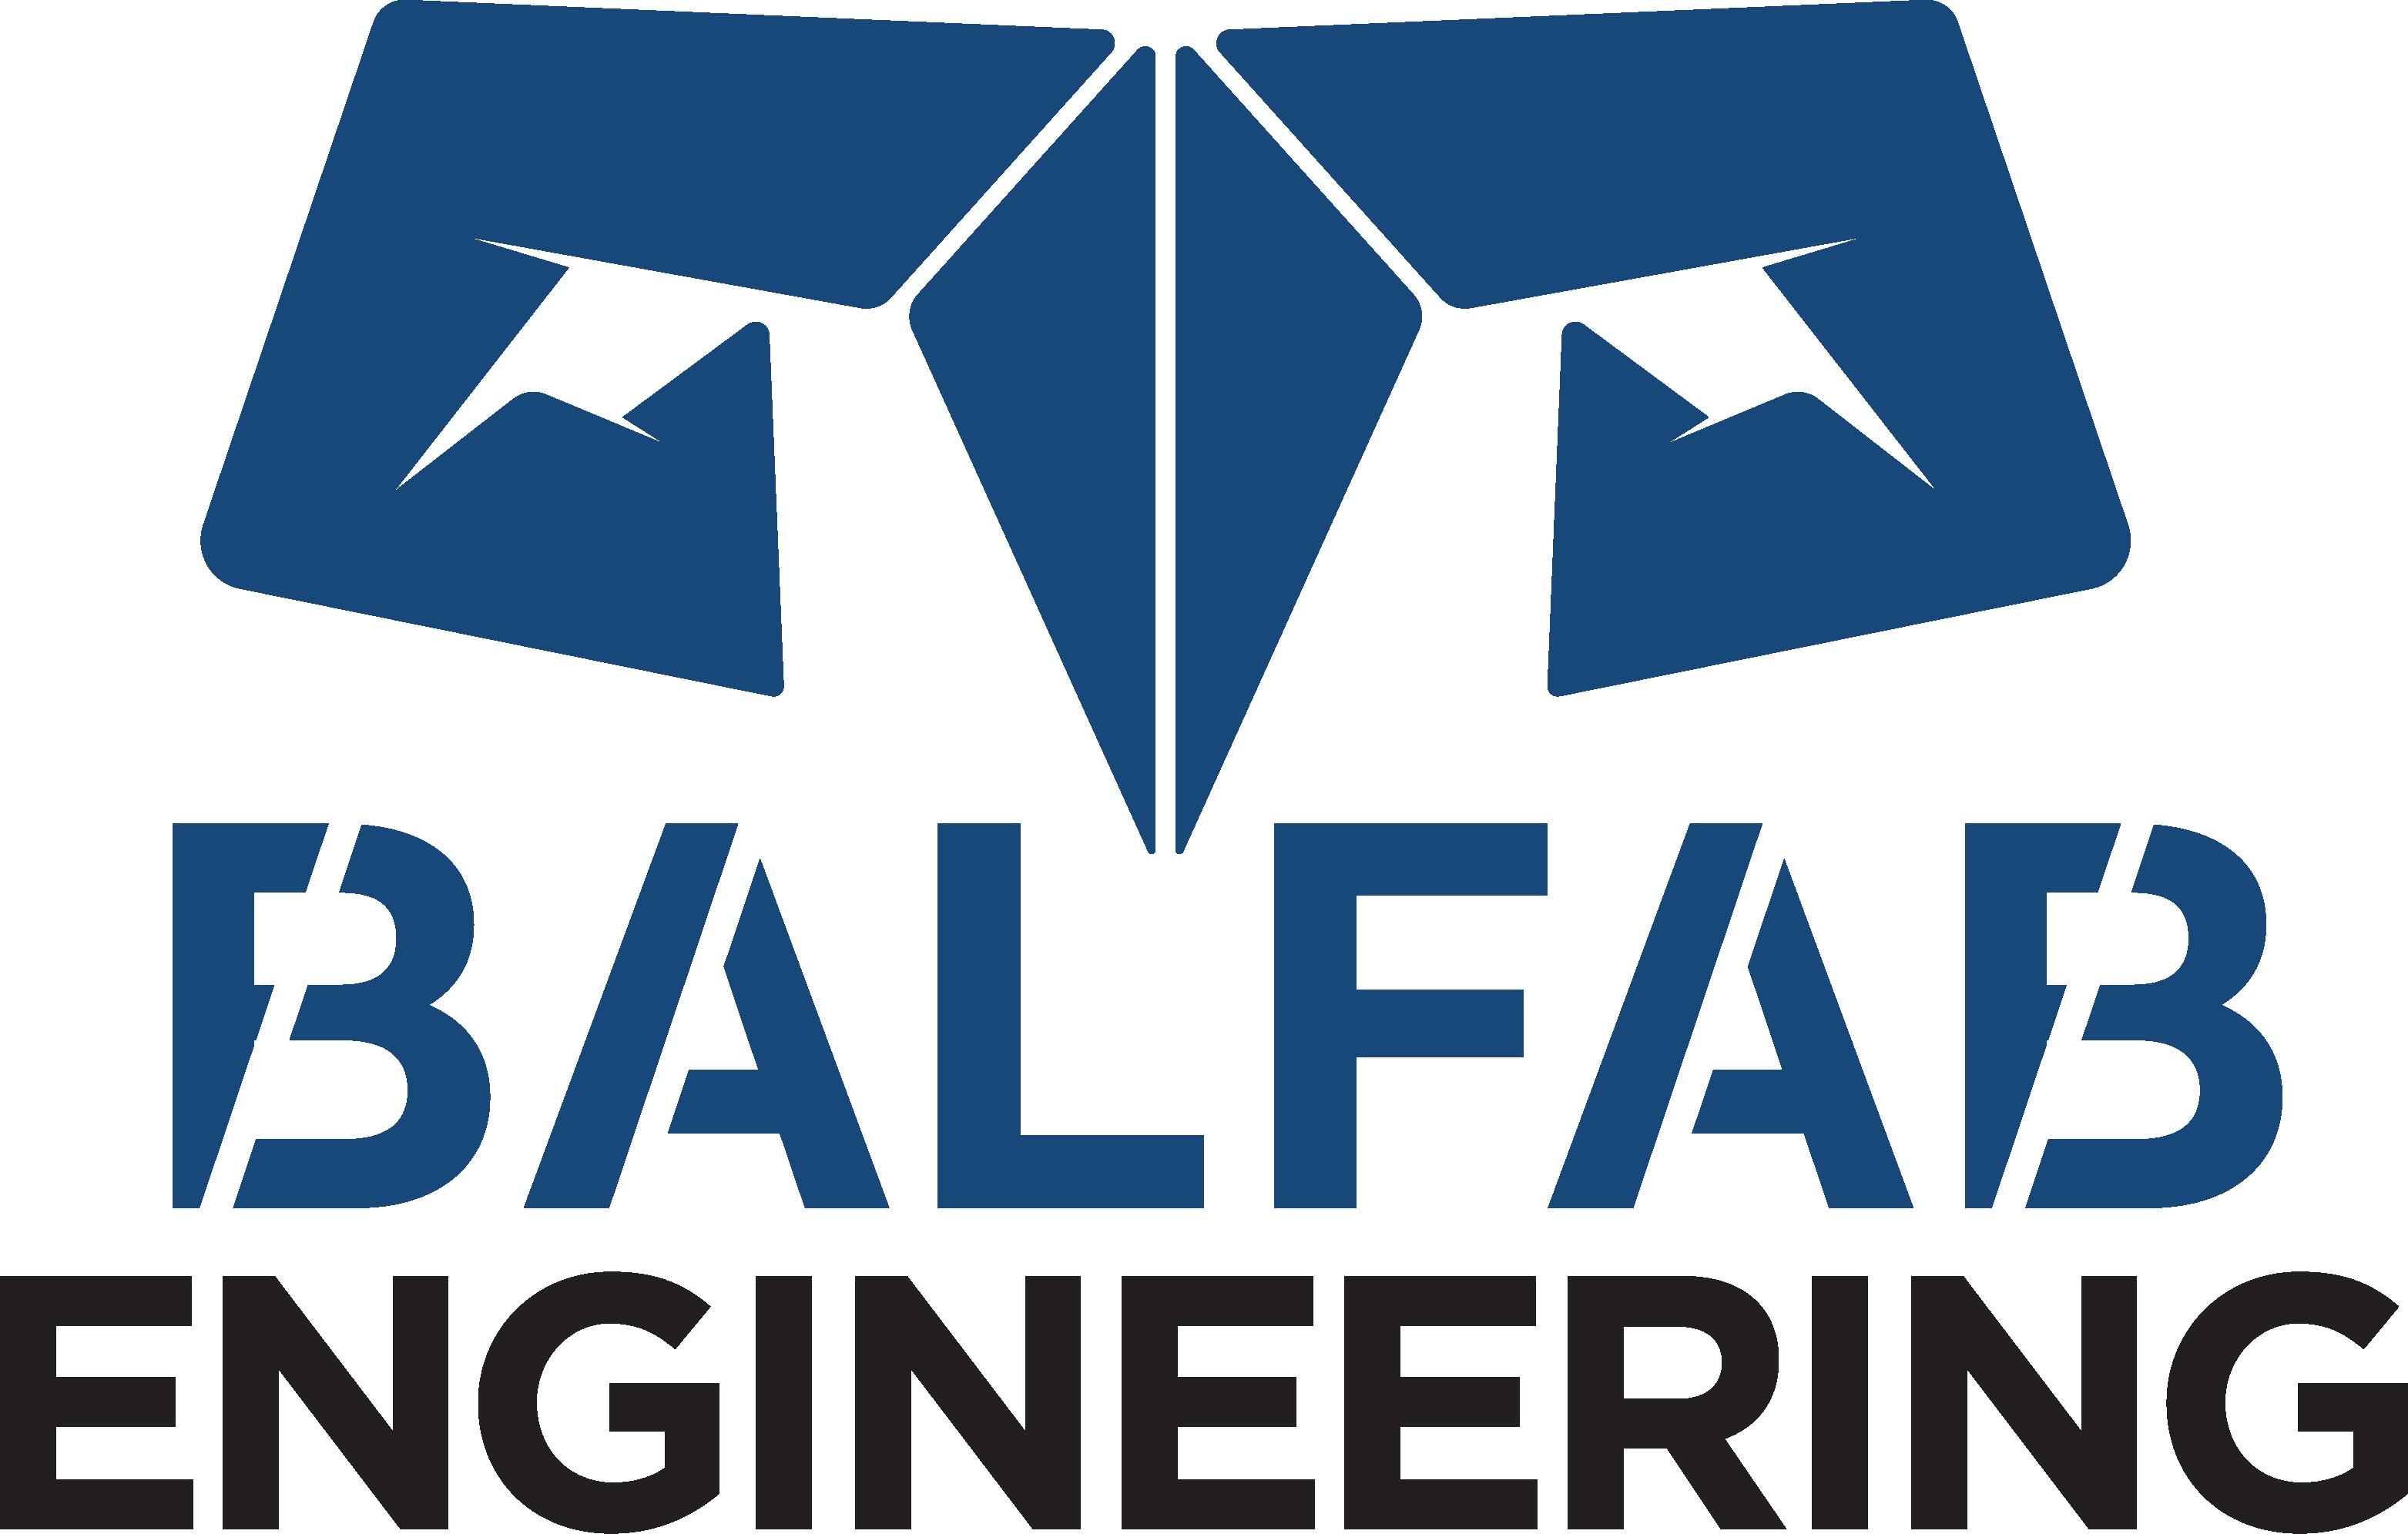 Balfab Engineering Logo